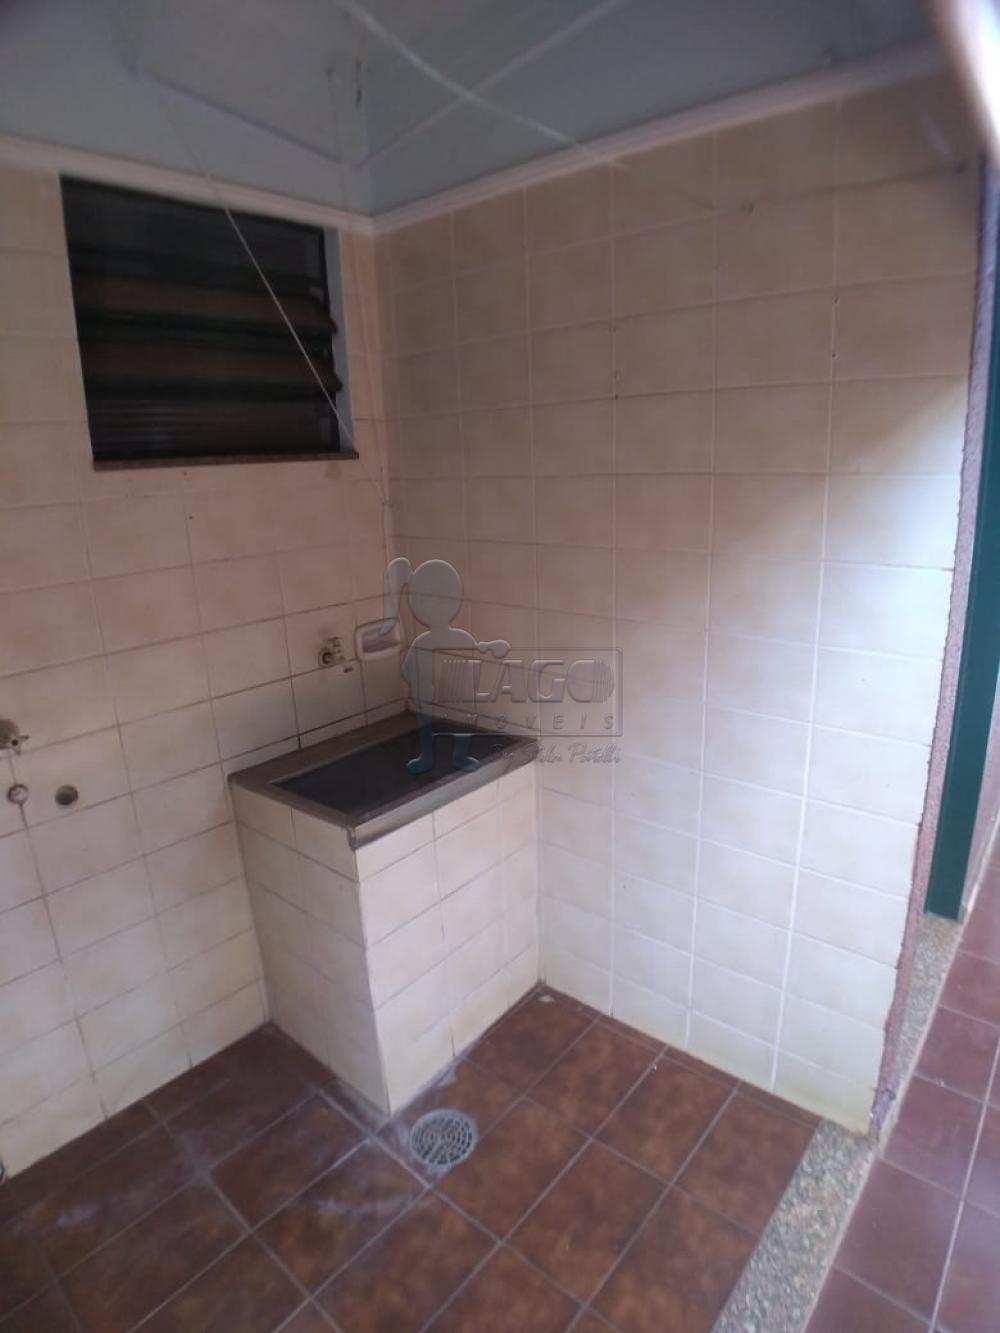 Alugar Casas / Padrão em Ribeirão Preto apenas R$ 1.800,00 - Foto 11